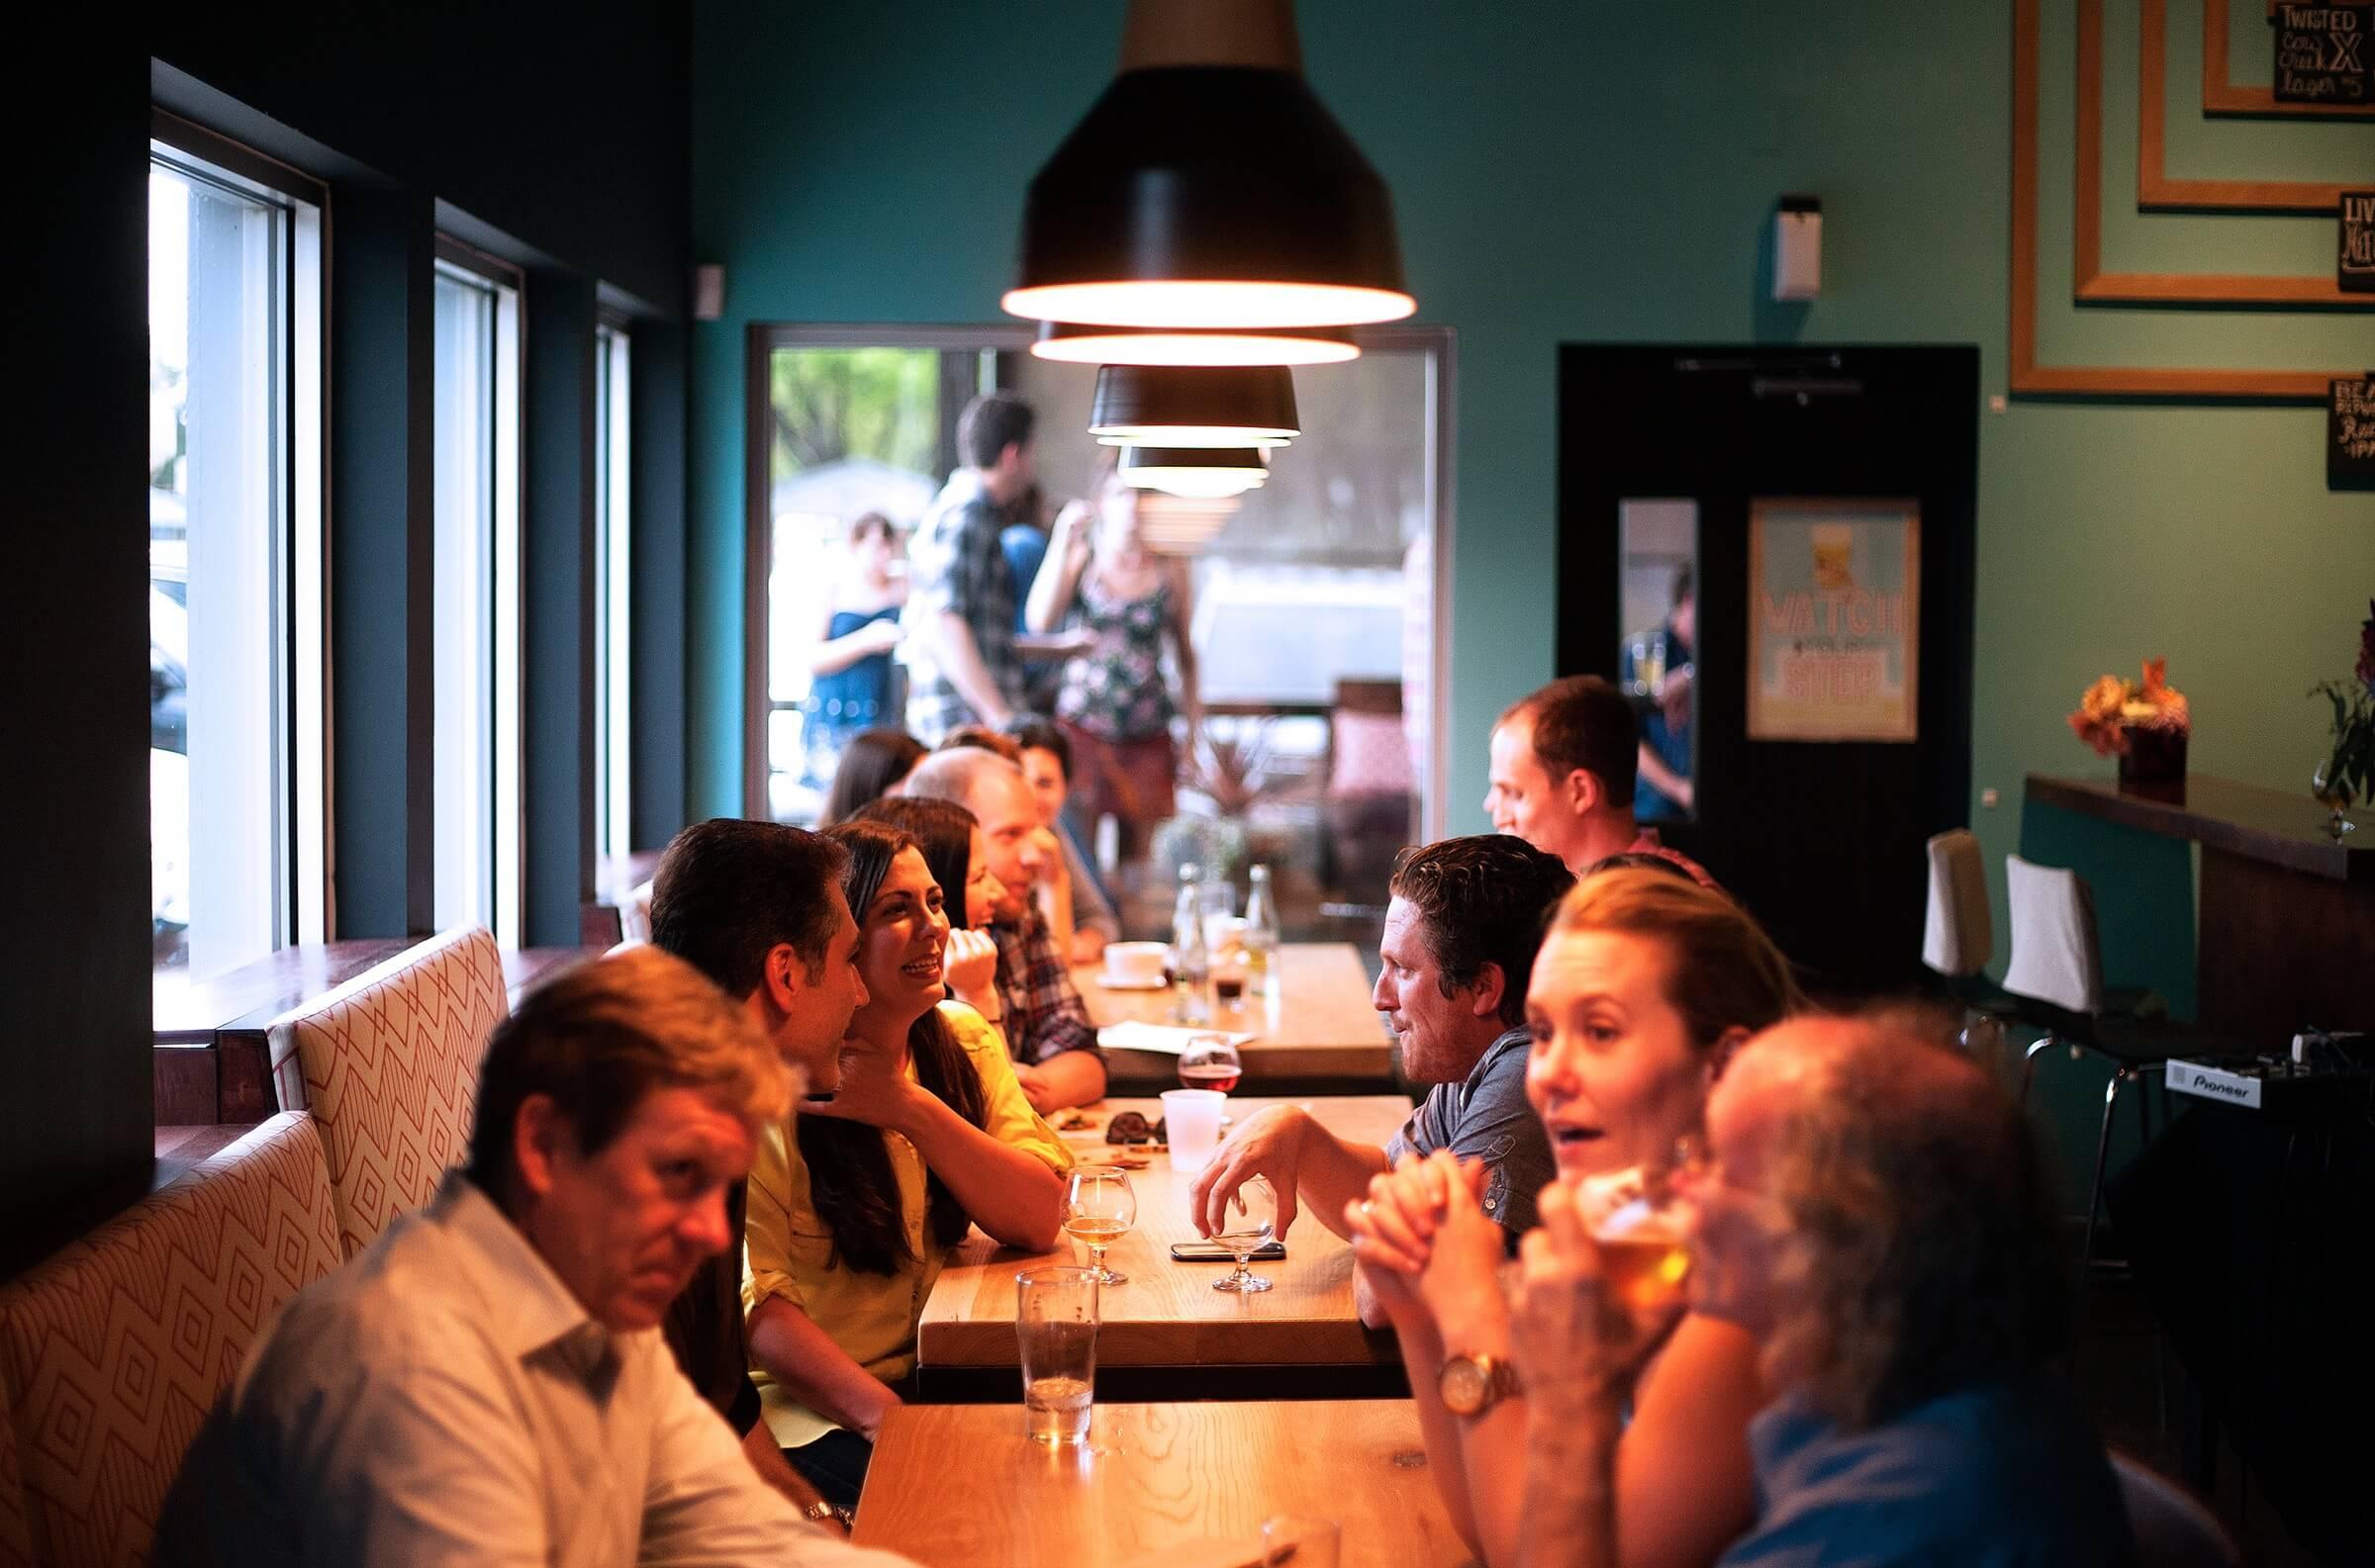 Hoe belangrijk is social proof voor ondernemers?